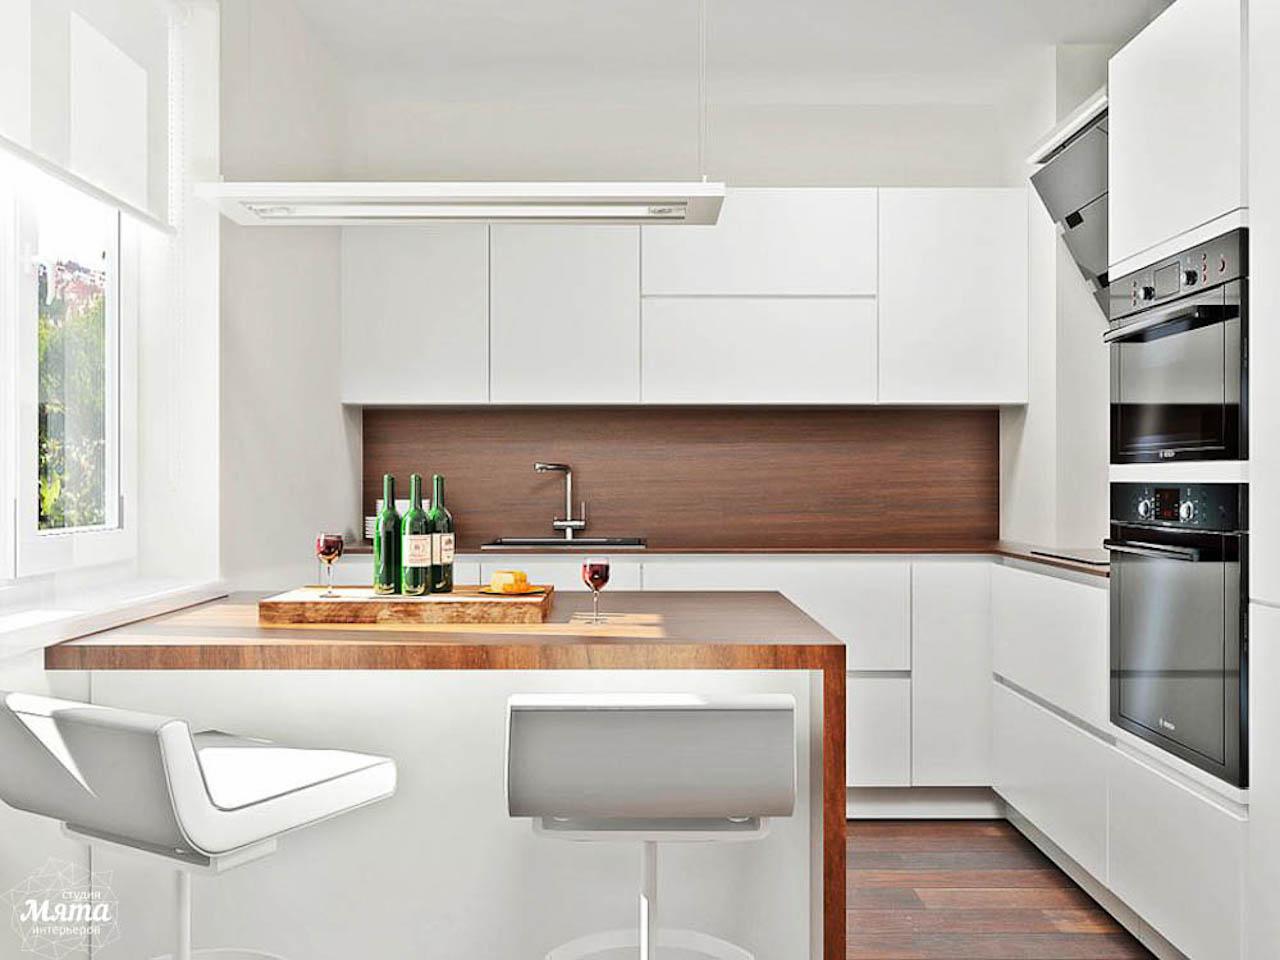 Дизайн интерьера однокомнатной квартиры в стиле хай тек по ул. Щербакова 35 img1697221486